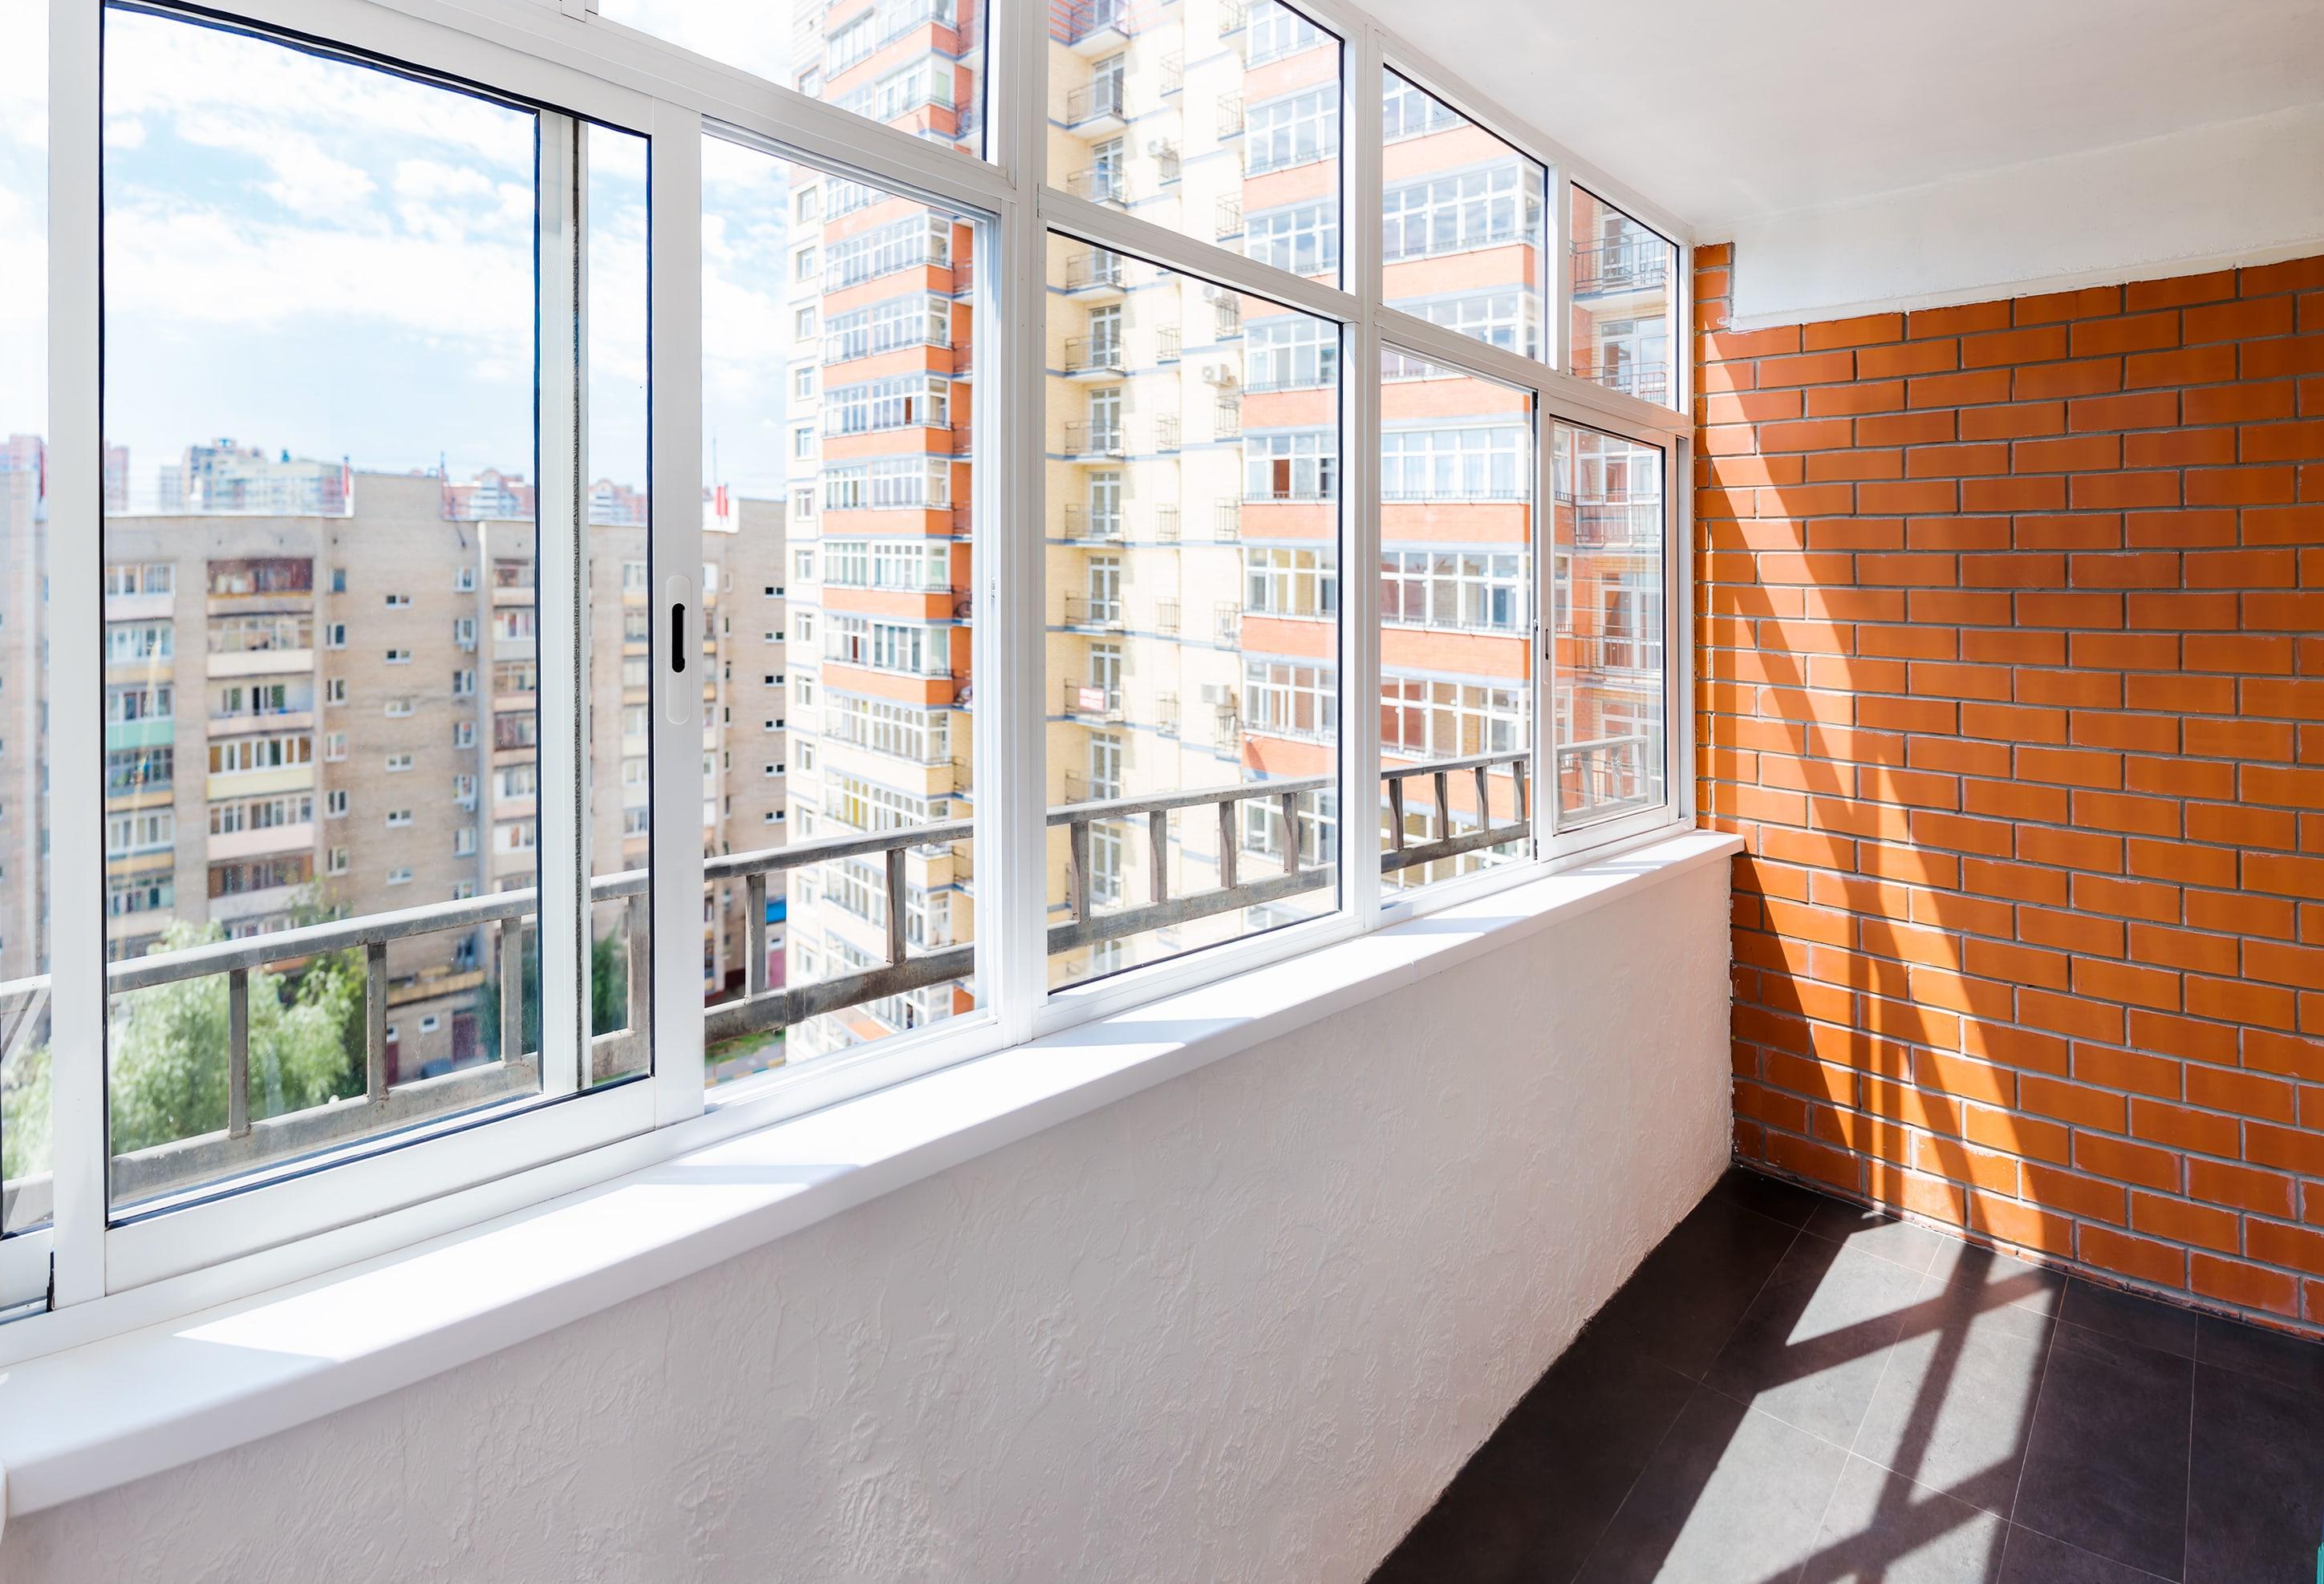 Остекление балконов и лоджий в алексине. цены. фотостроитель.